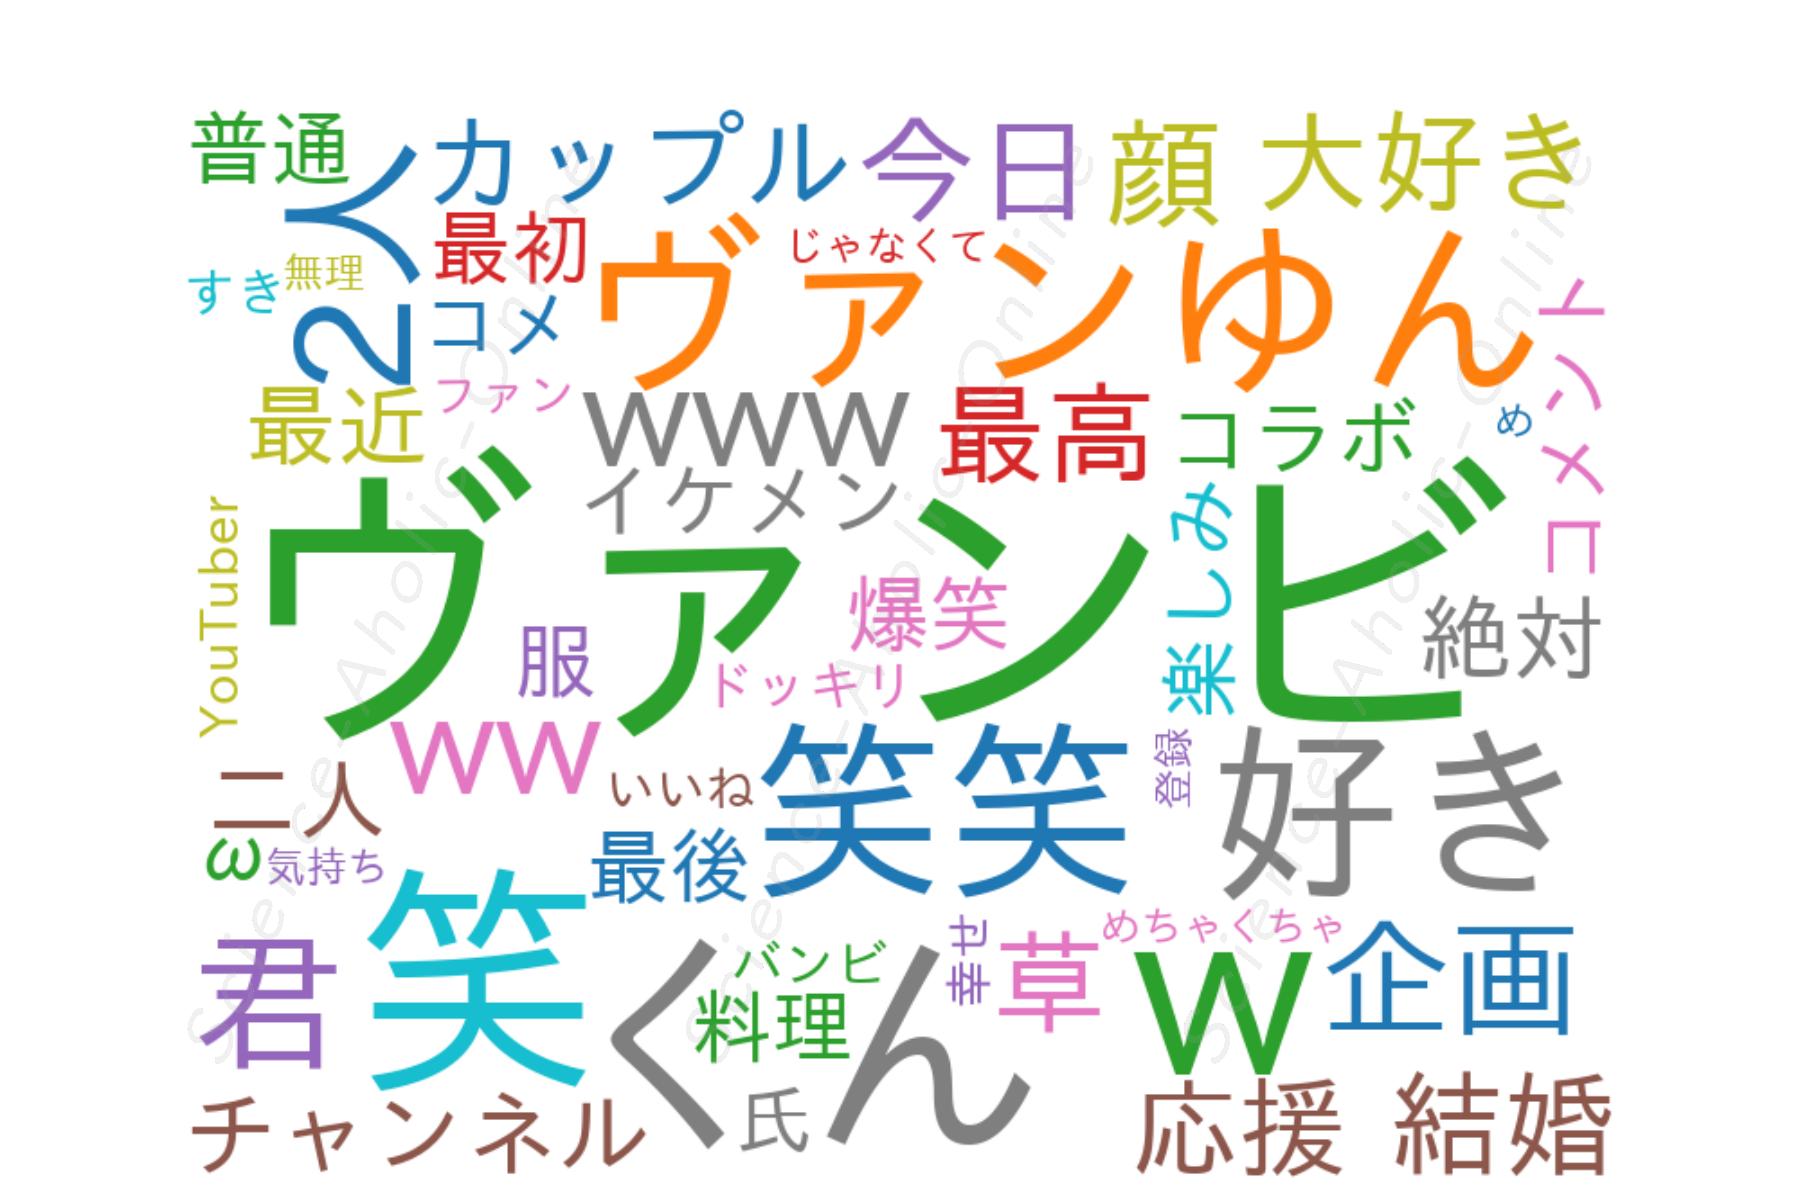 wordcloud_ヴァンゆんチャンネル【VAMYUN】